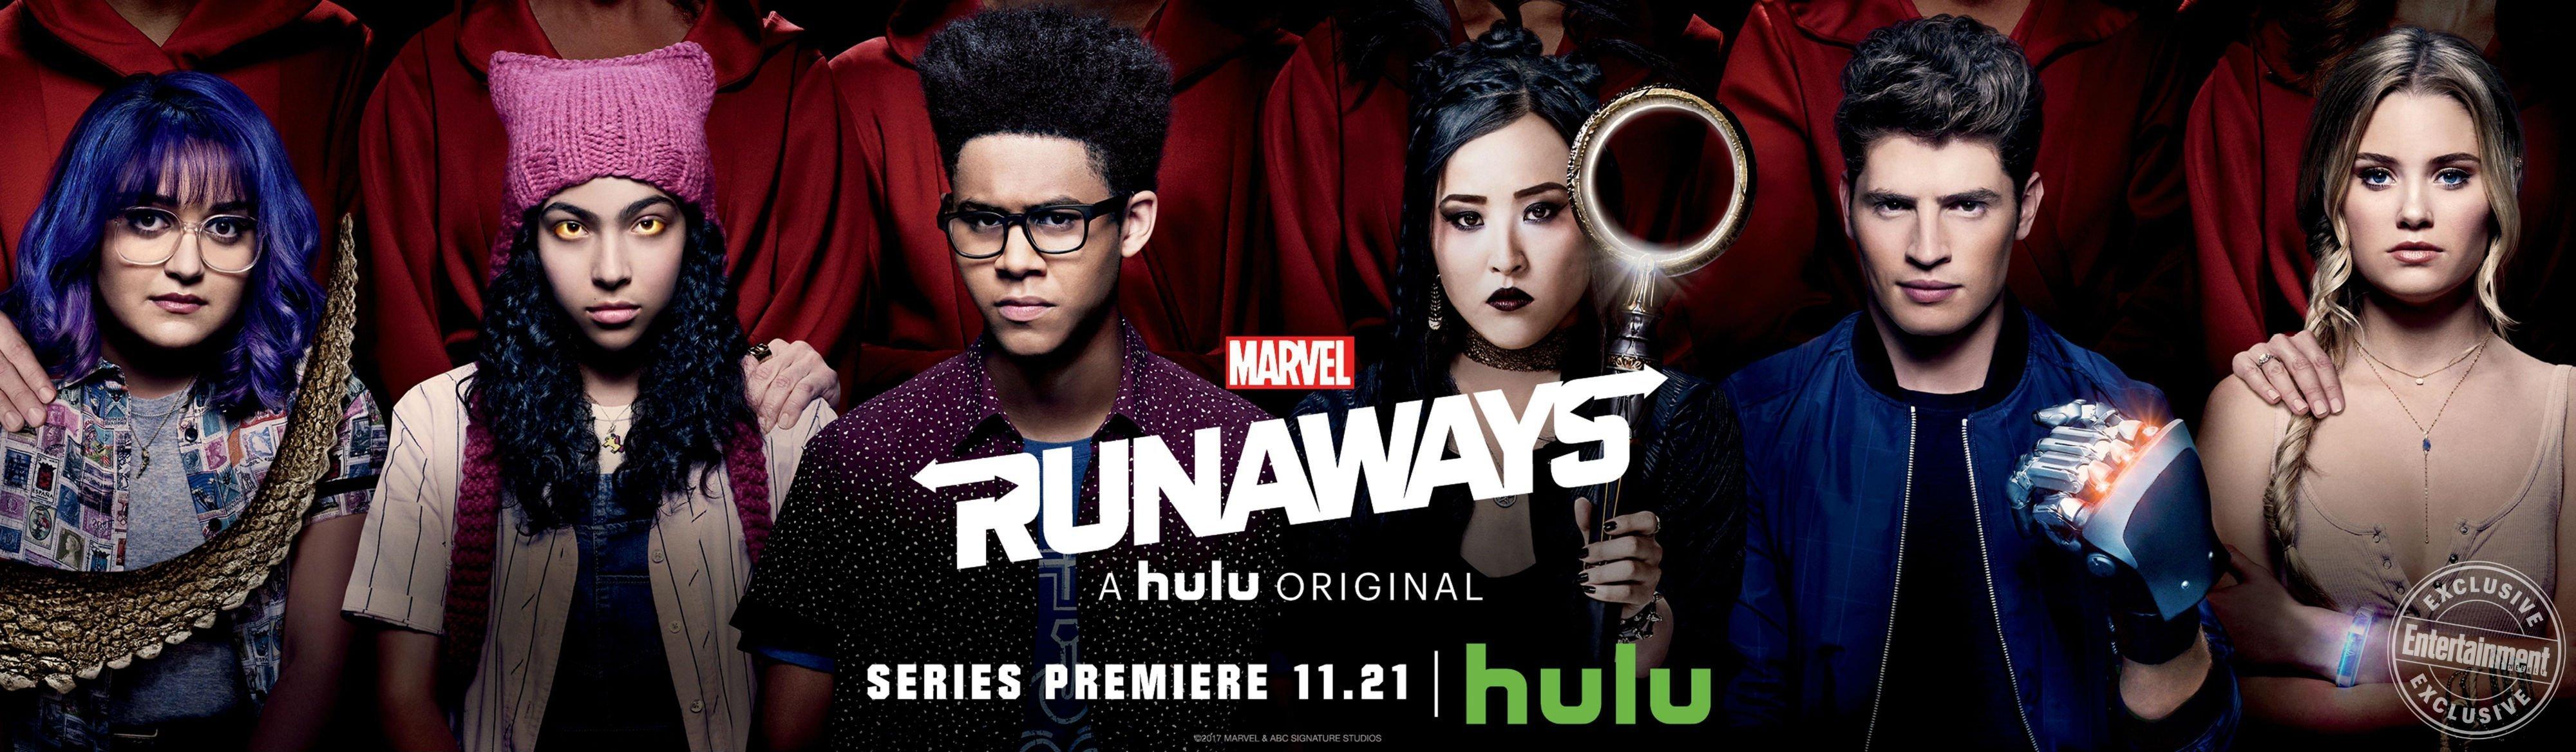 Bannière de la série Marvel Runaways pour Hulu